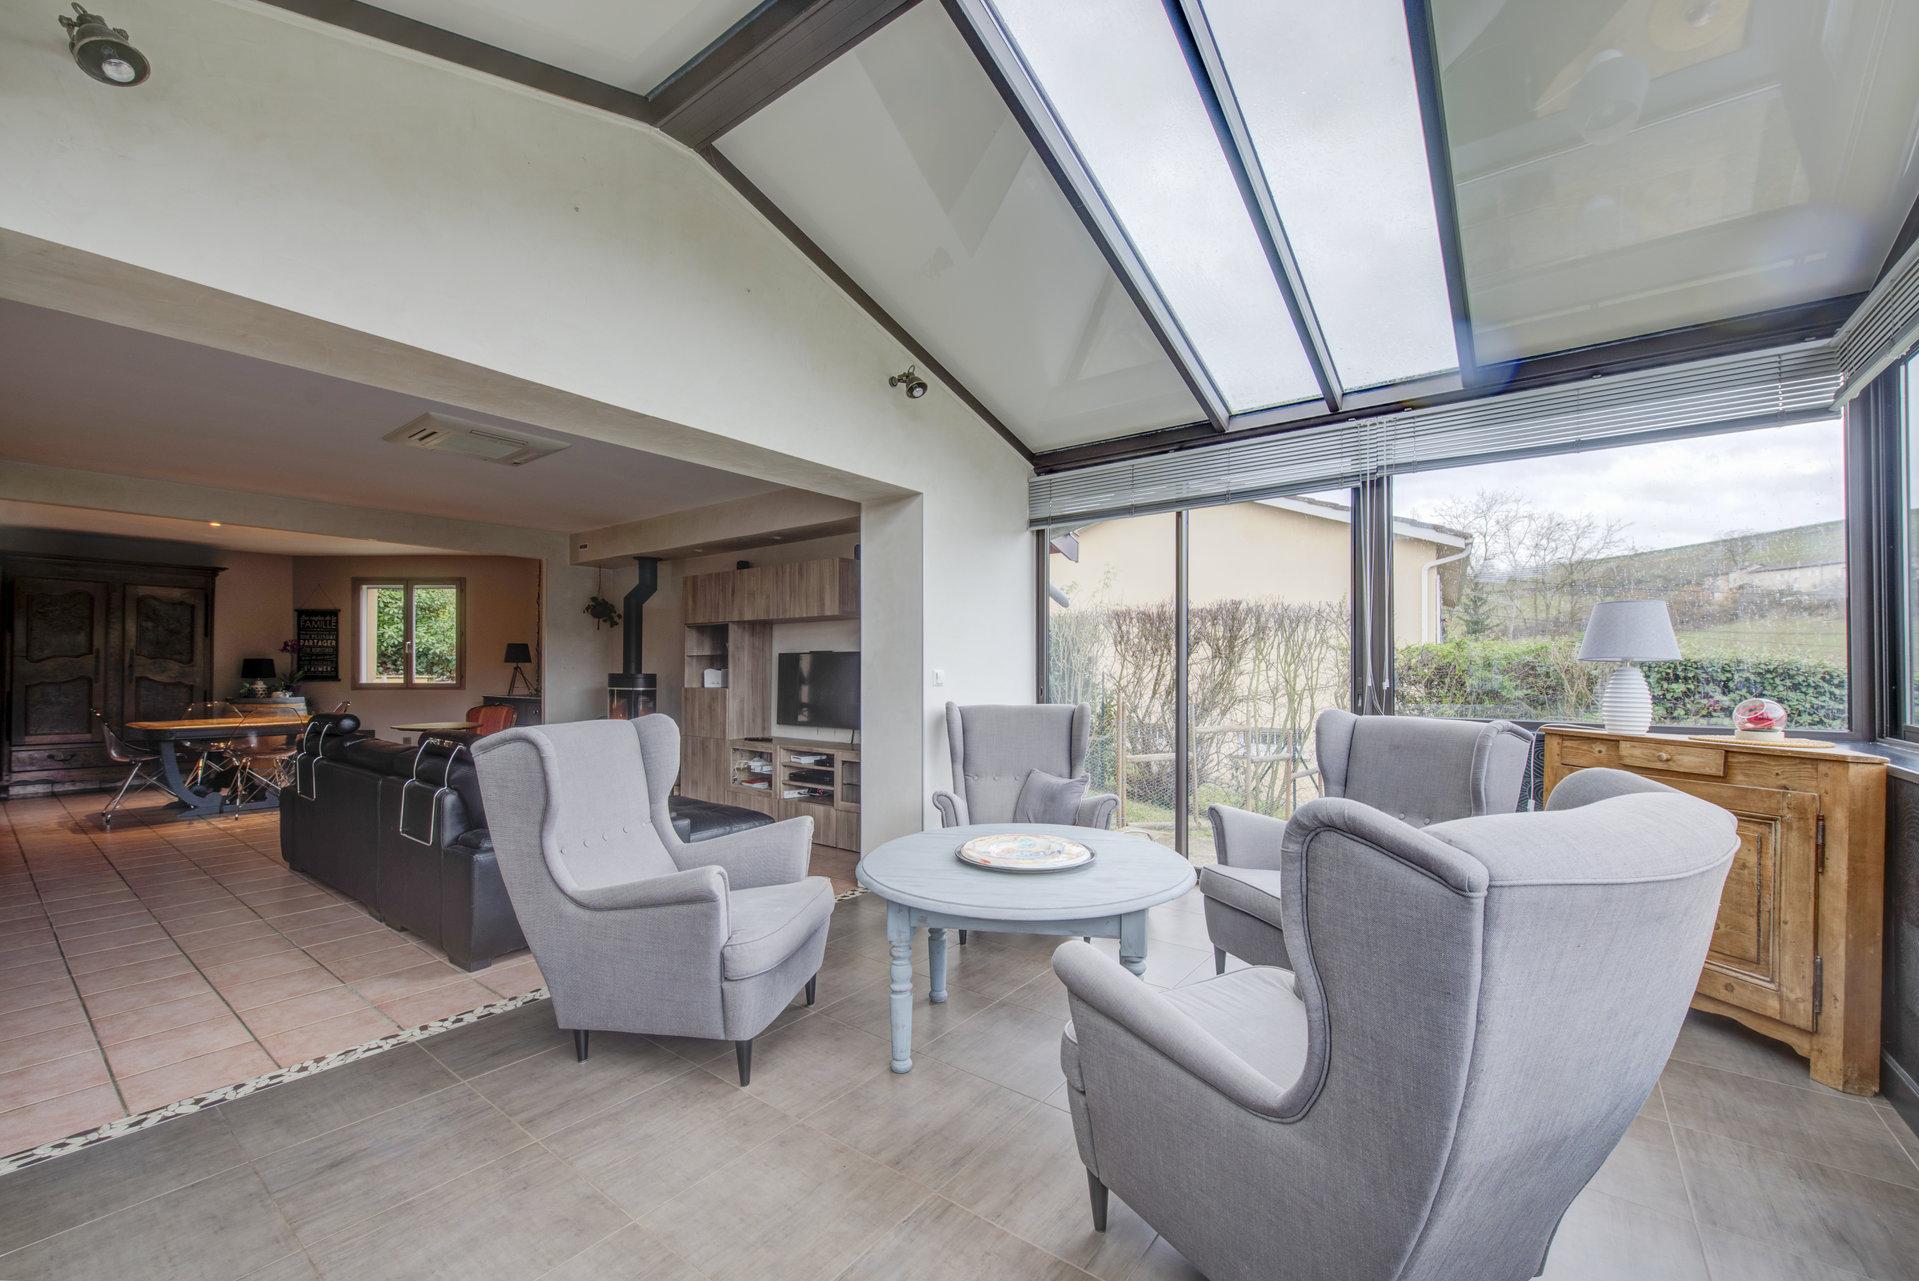 Pommiers magnifique maison 4 chambres avec piscine